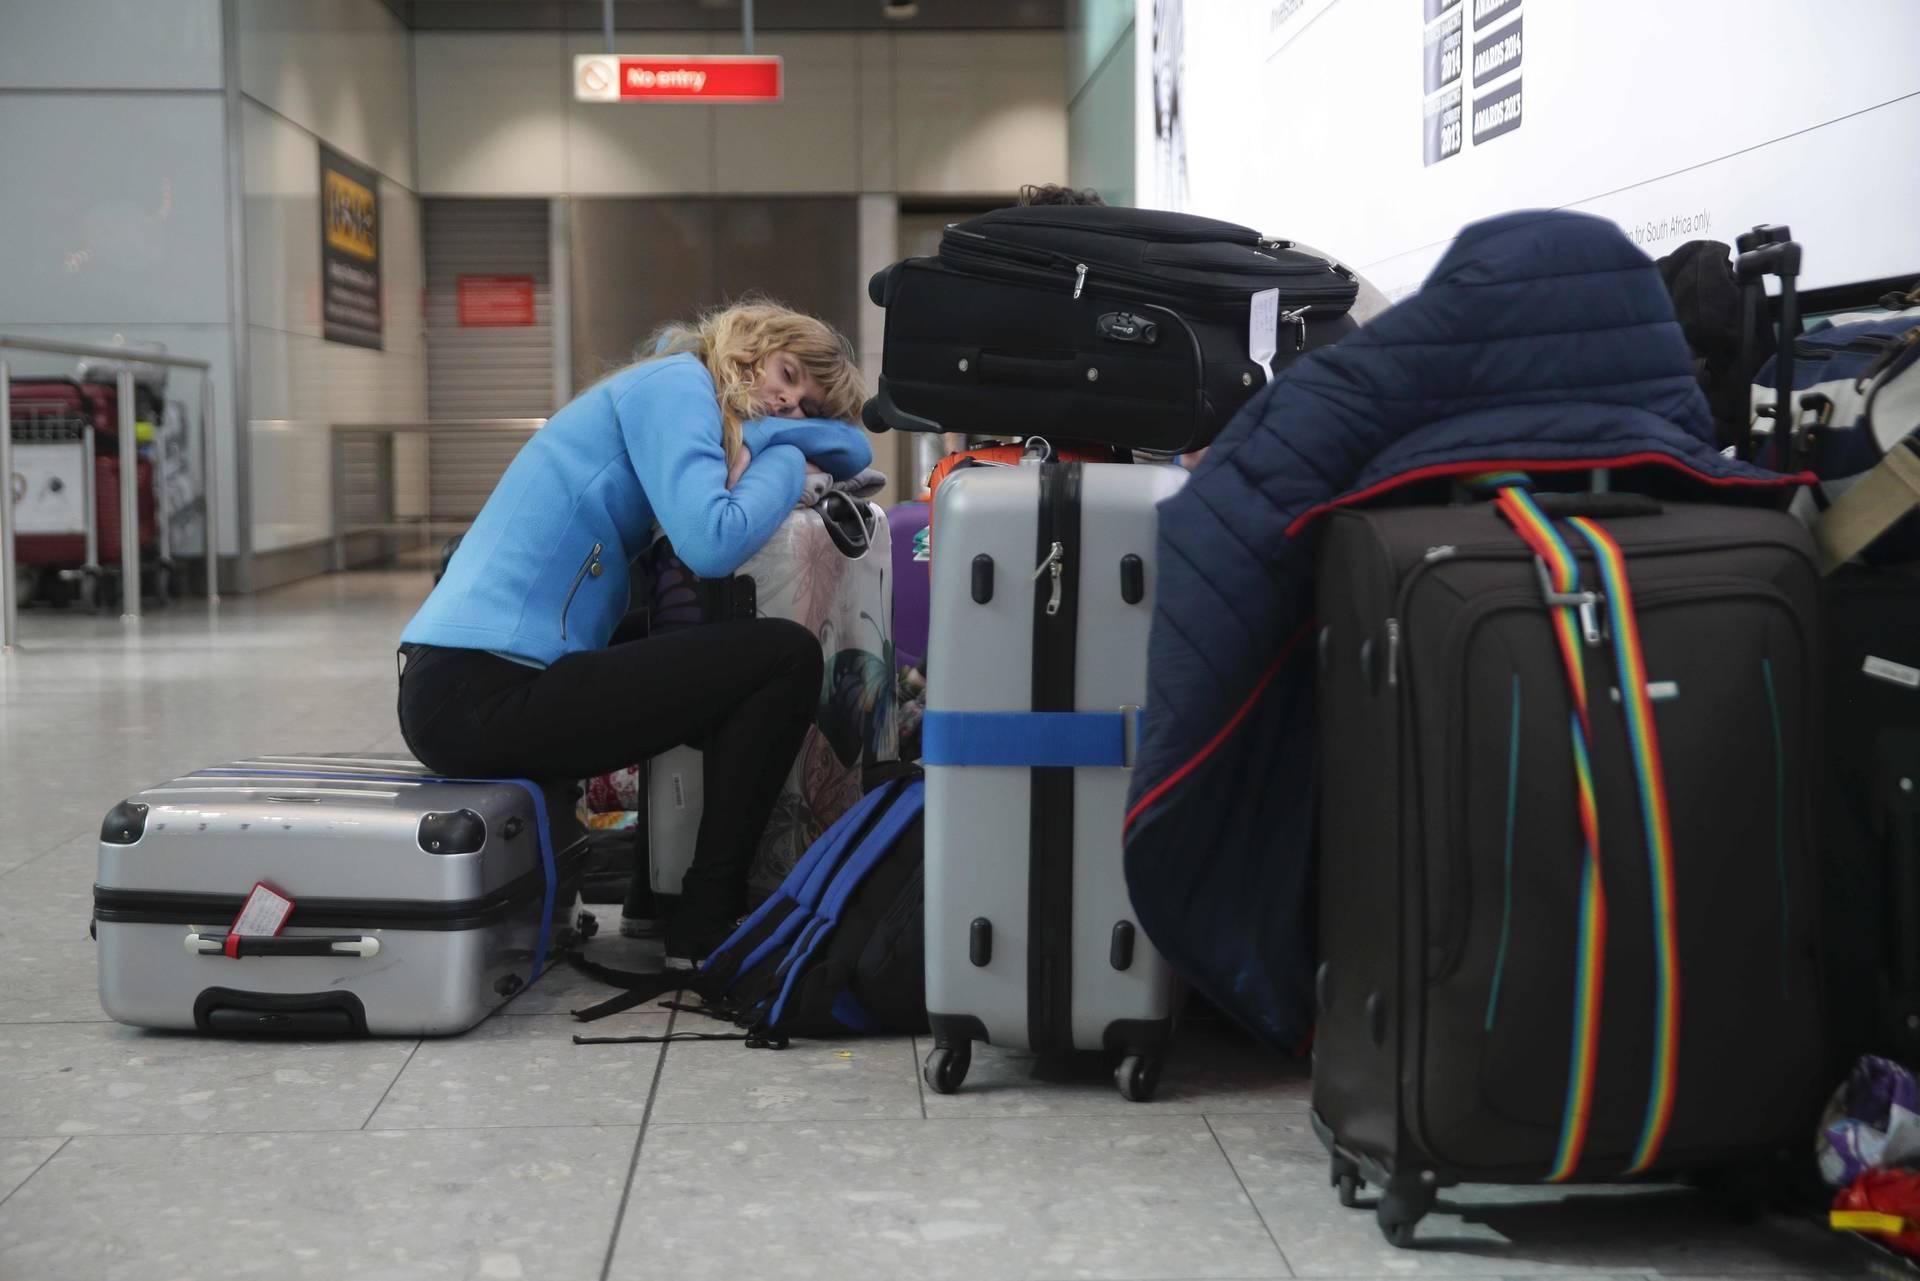 Lange Nächte: Wenn der Flug ausfällt, hilft meistens nur warten. (Foto: afp)